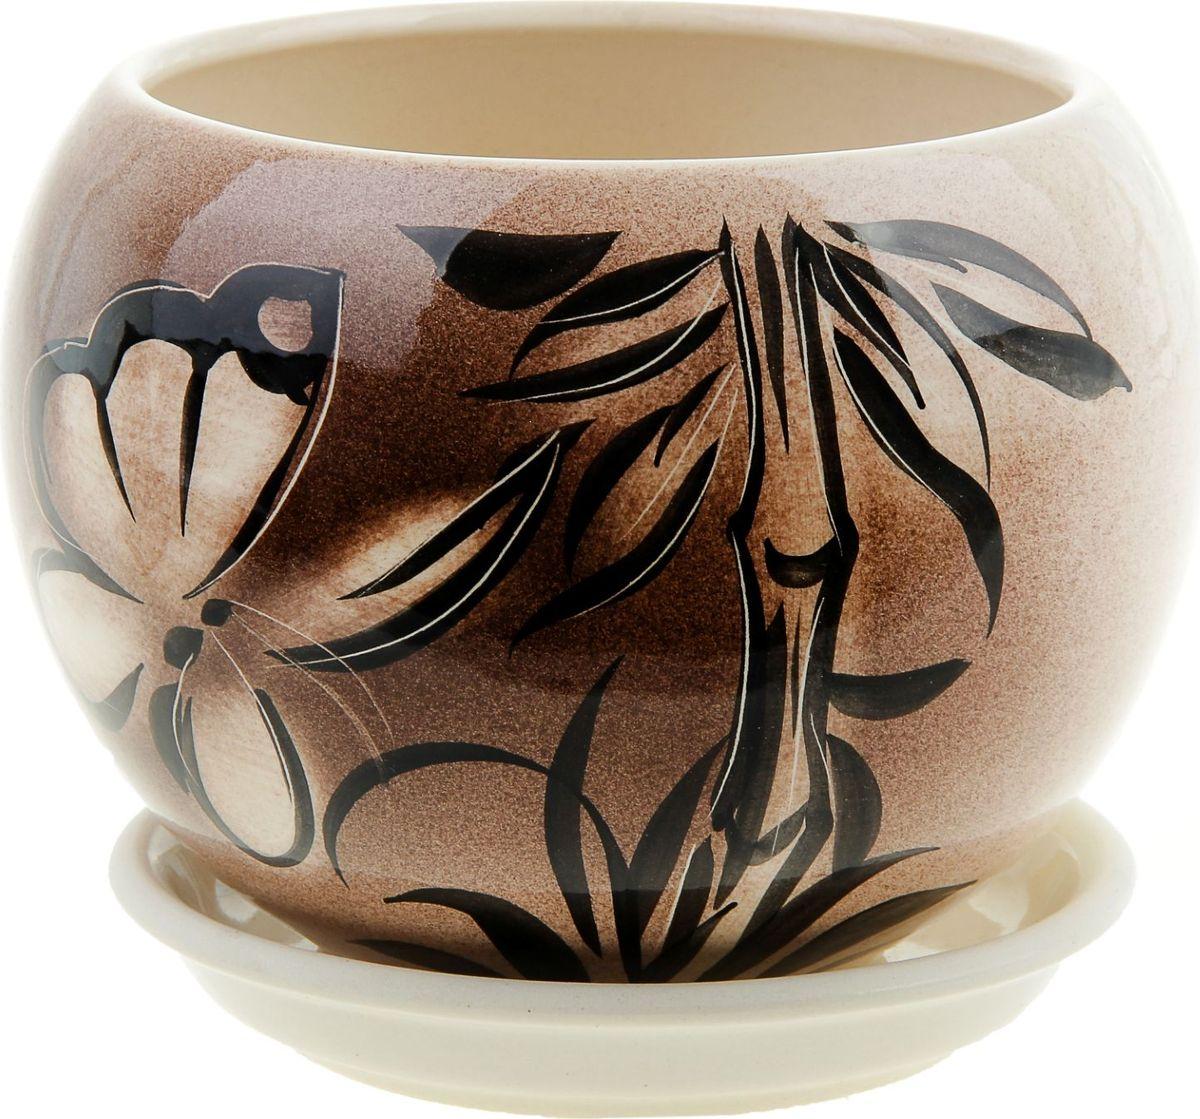 Кашпо Керамика ручной работы Шар. Мотылек, 1,4 л835639Комнатные растения - всеобщие любимцы. Они радуют глаз, насыщают помещение кислородом и украшают пространство. Каждому из них необходим свой удобный и красивый дом. Кашпо из керамики прекрасно подходят для высадки растений:- пористый материал позволяет испаряться лишней влаге;- воздух, необходимый для дыхания корней, проникает сквозь керамические стенки. Кашпо Шар. Мотылек позаботится о зеленом питомце, освежит интерьер и подчеркнет его стиль.